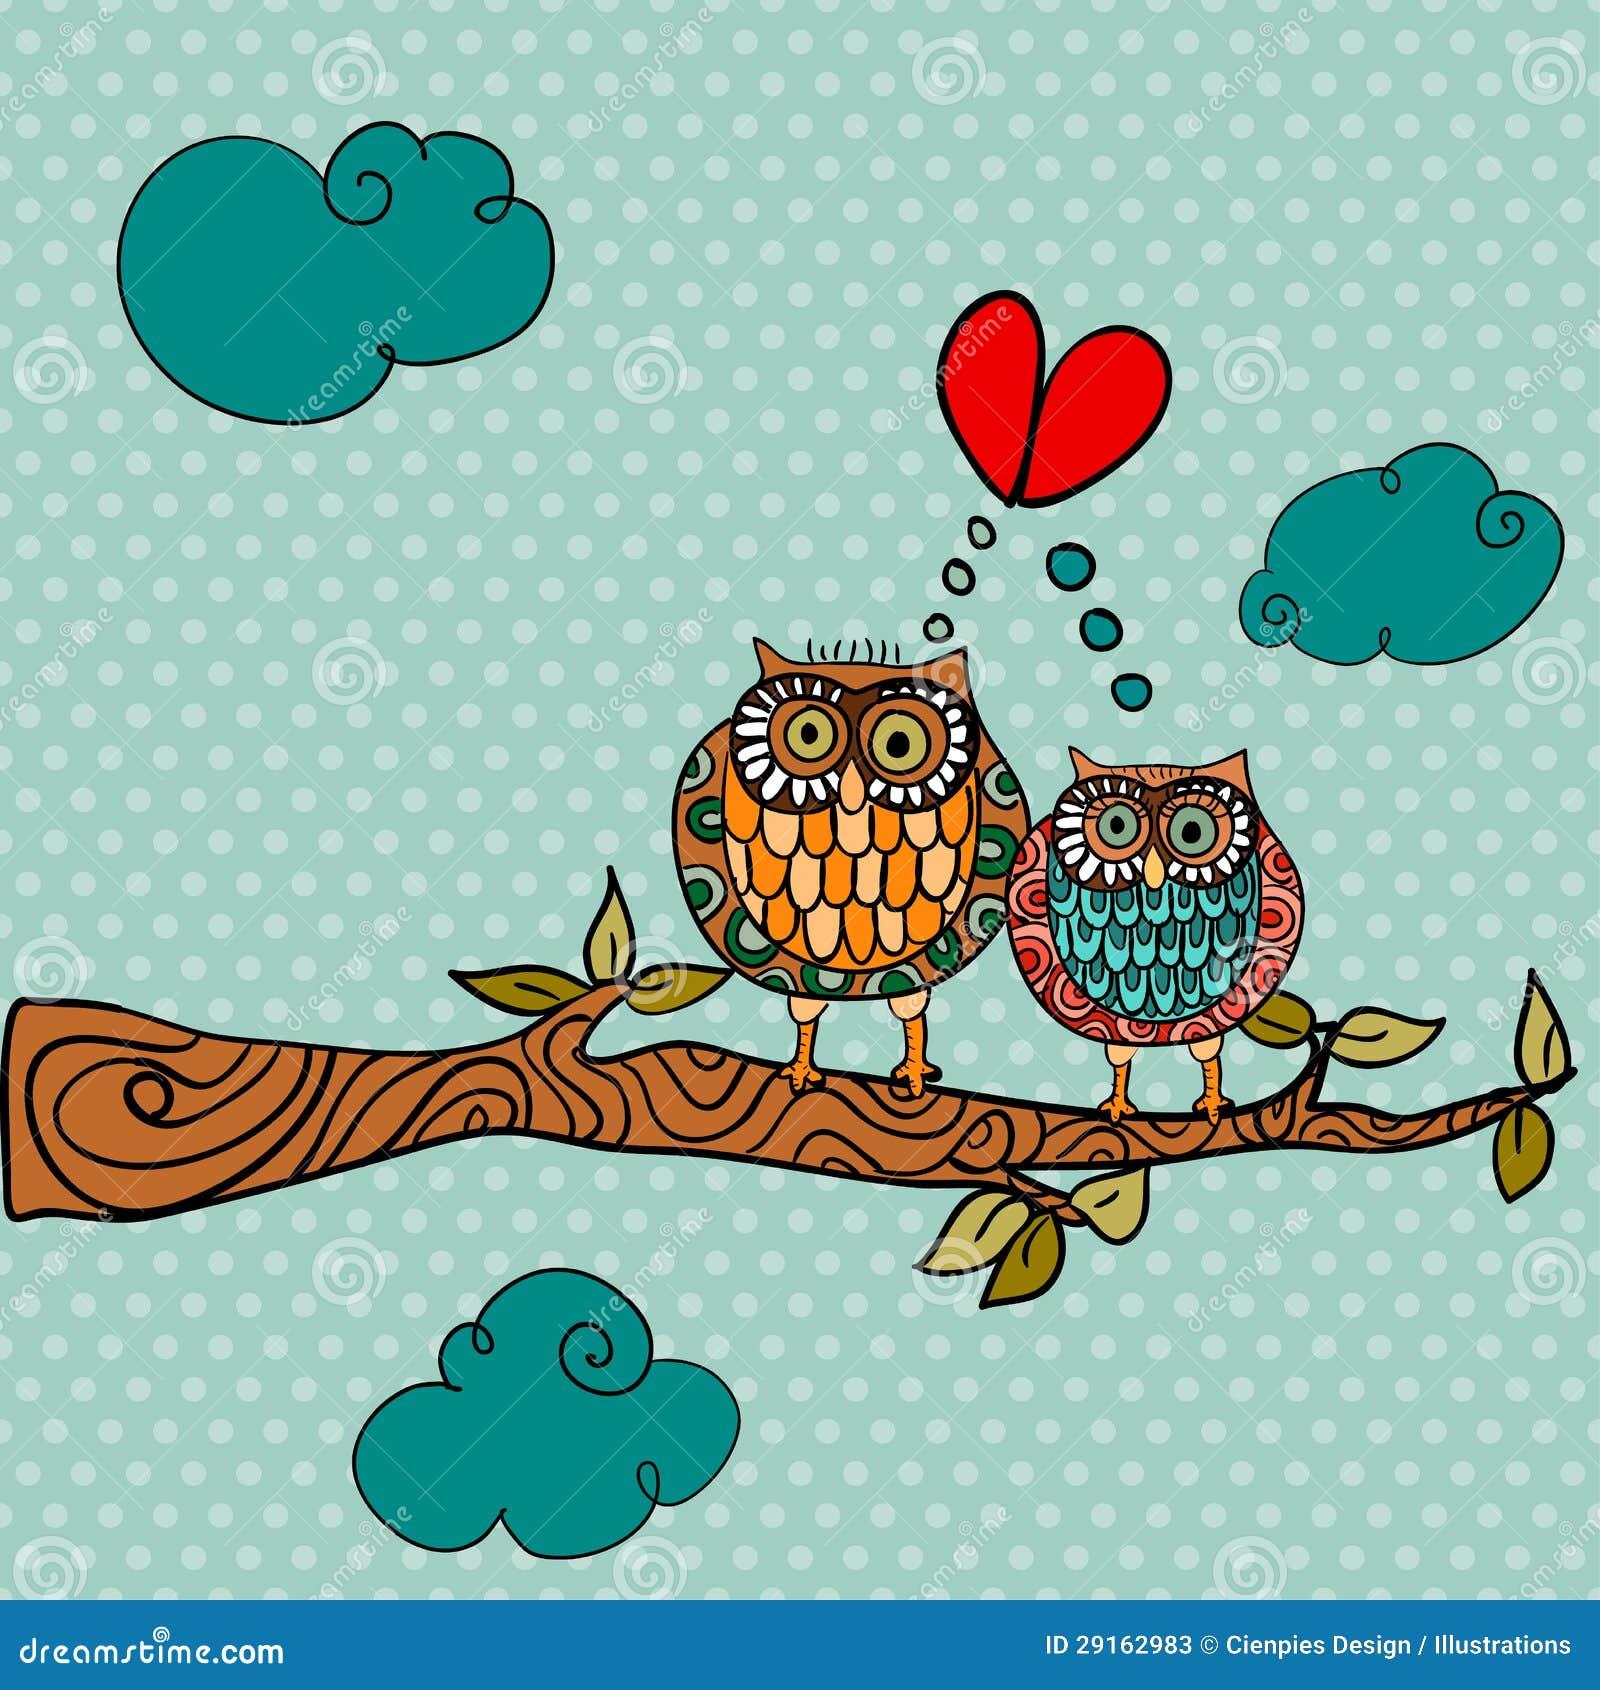 Two Owls On Branch Clip Art Wedding Card Lov...